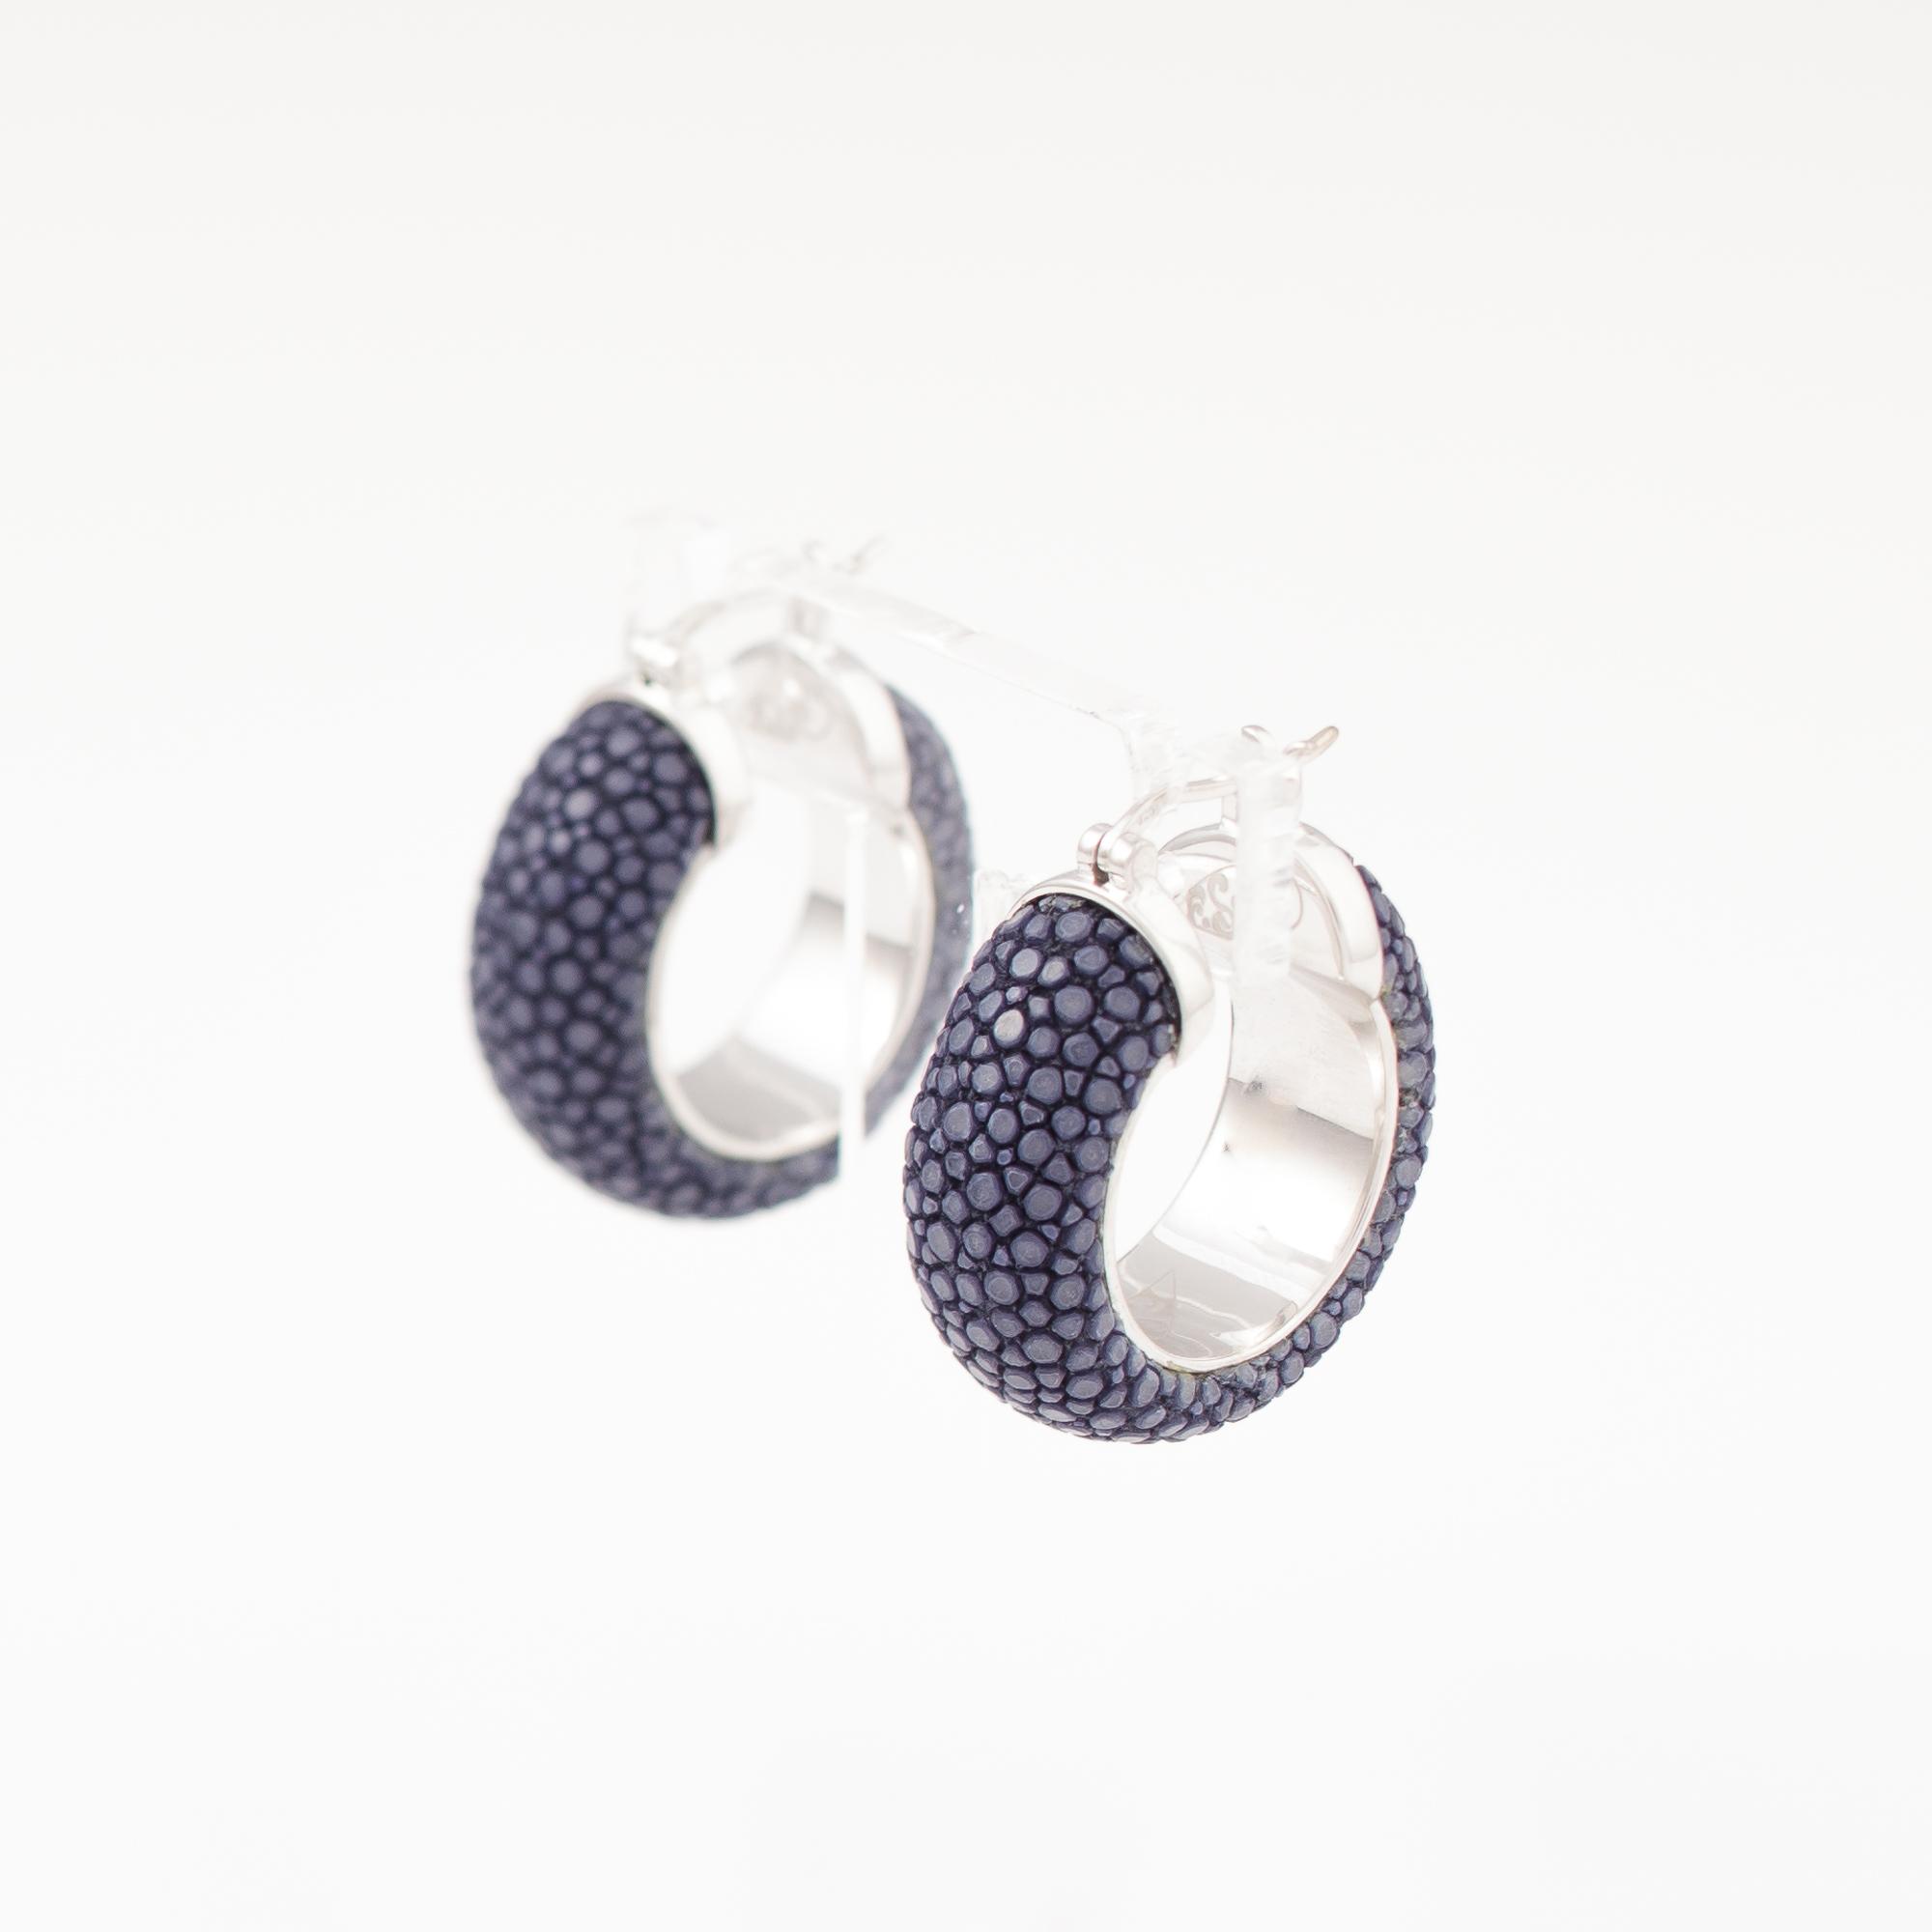 tresor-by-flore-galuchat-boucles-d-oreilles-simplicite-lapis